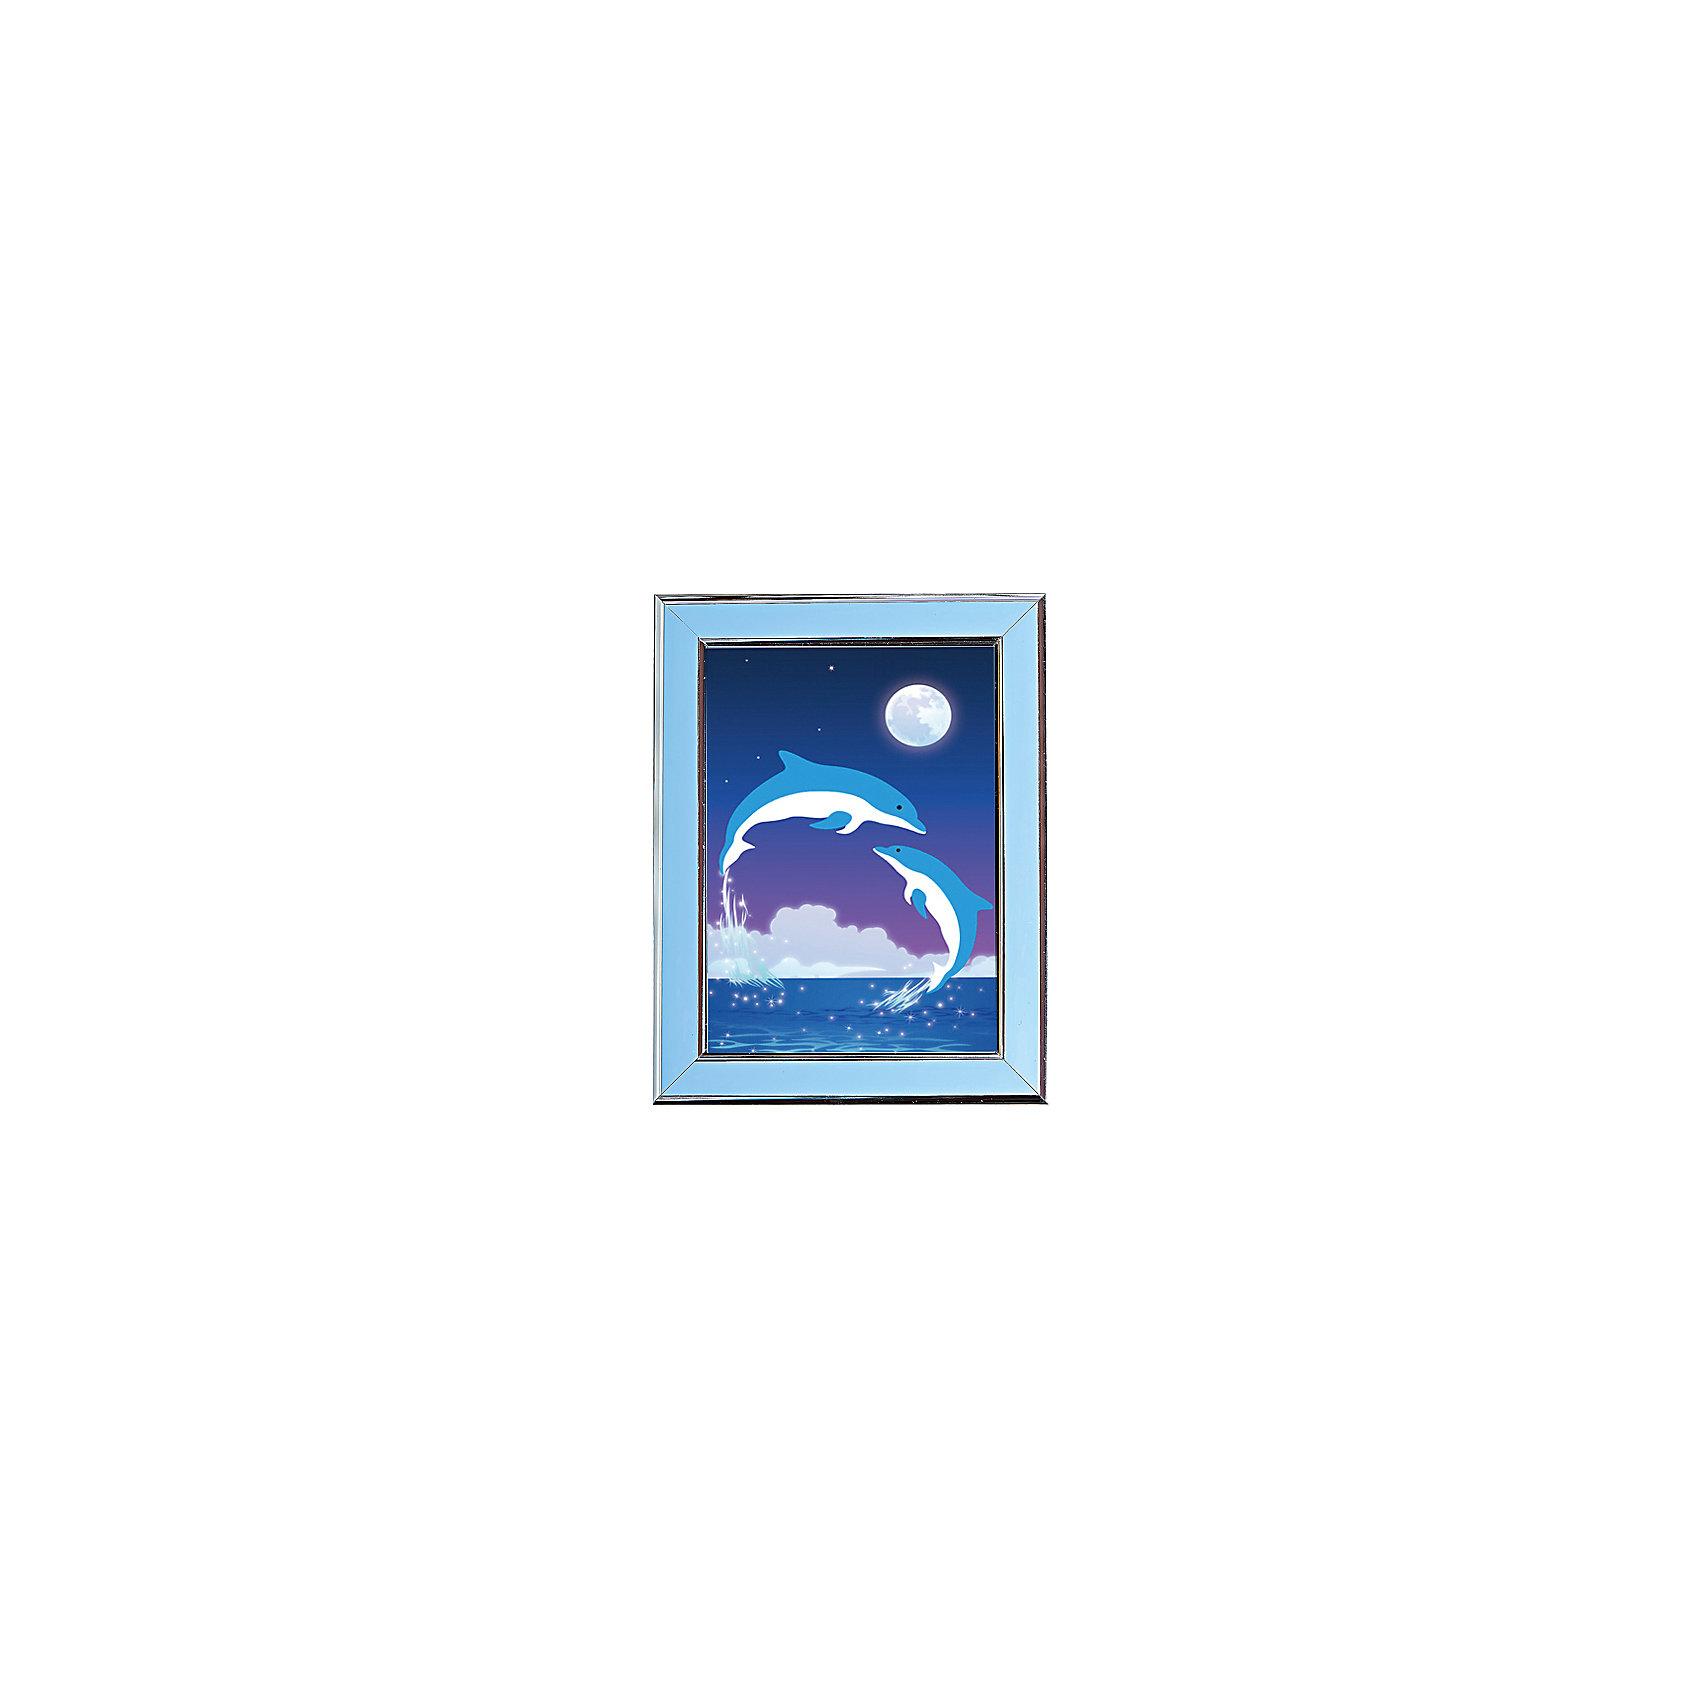 Мозаичная картина ДельфиныМозаика<br>Мозаичная картина Дельфины.<br><br>Характеристика: <br><br>• Материал: картон, пластик, клей. <br>• Размер картинки: 17х21 см. <br>• Размер мозаичного элемента: 2,5 мм. <br>• Комплектация: контейнер для элементов мозаики, мозаичные элементы, специальный клеевой карандаш, трафарет со схемой рисунка, декоративная пластиковая рамка с оргстеклом. <br>• Яркие, насыщенные цвета. <br>• Отлично развивает моторику рук, внимание, мышление и воображение. <br><br>Создание картины из мозаики - увлекательное и полезное занятие, в процессе которого ребенок сможет развить моторику рук, внимание, усидчивость, цветовосприятие и воображение. В этом наборе уже есть все для создания маленького шедевра! Нужно лишь приклеить мозаичные элементы на основу с нанесенным контуром - и яркая картинка готова.<br><br>Мозаичную картину Дельфины можно купить в нашем магазине.<br><br>Ширина мм: 200<br>Глубина мм: 225<br>Высота мм: 30<br>Вес г: 250<br>Возраст от месяцев: 84<br>Возраст до месяцев: 144<br>Пол: Унисекс<br>Возраст: Детский<br>SKU: 5417611